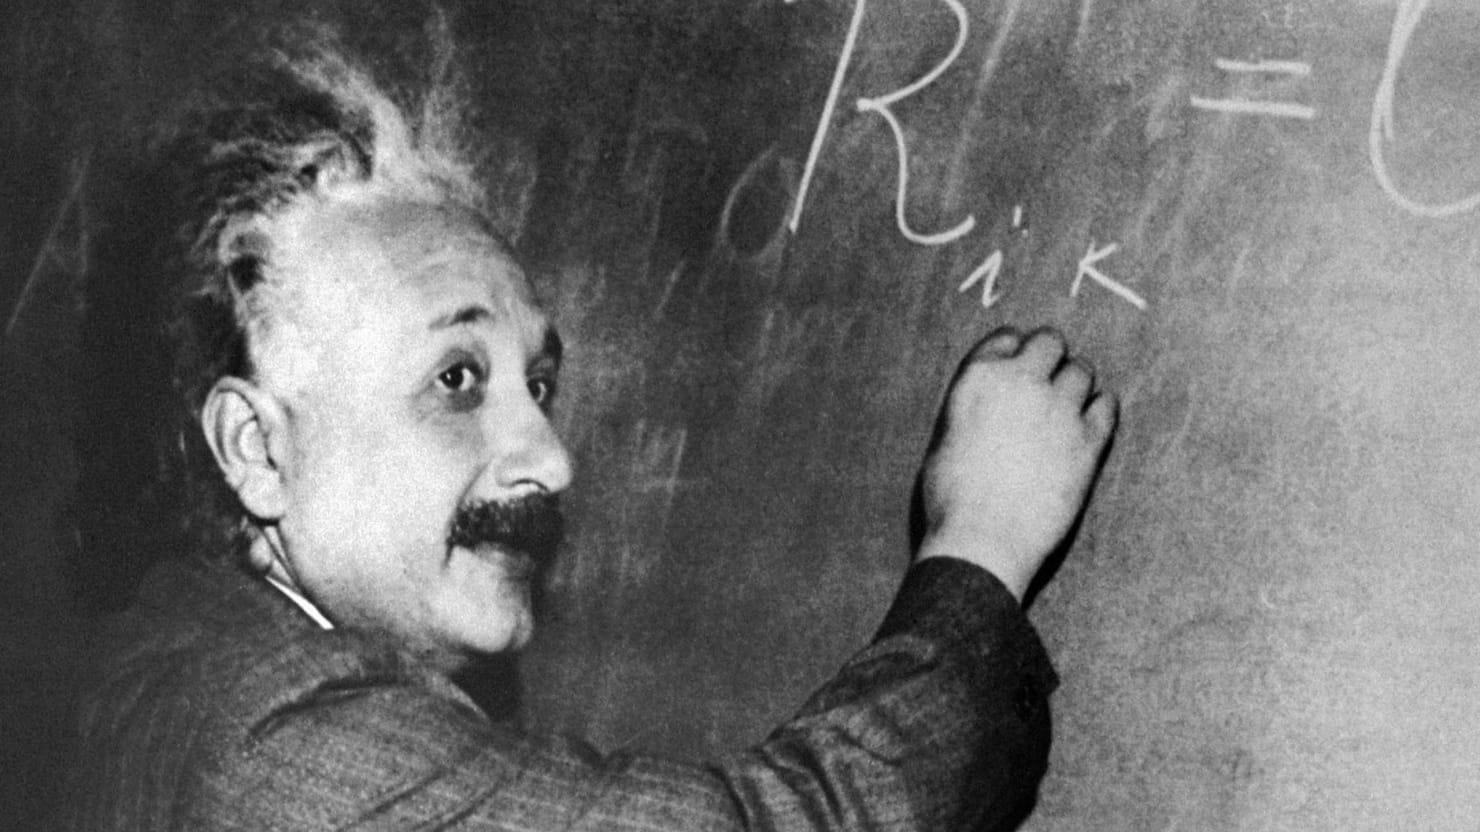 Письмо Эйнштейна обудущем нацистской Германии продадут наторгах вИзраиле